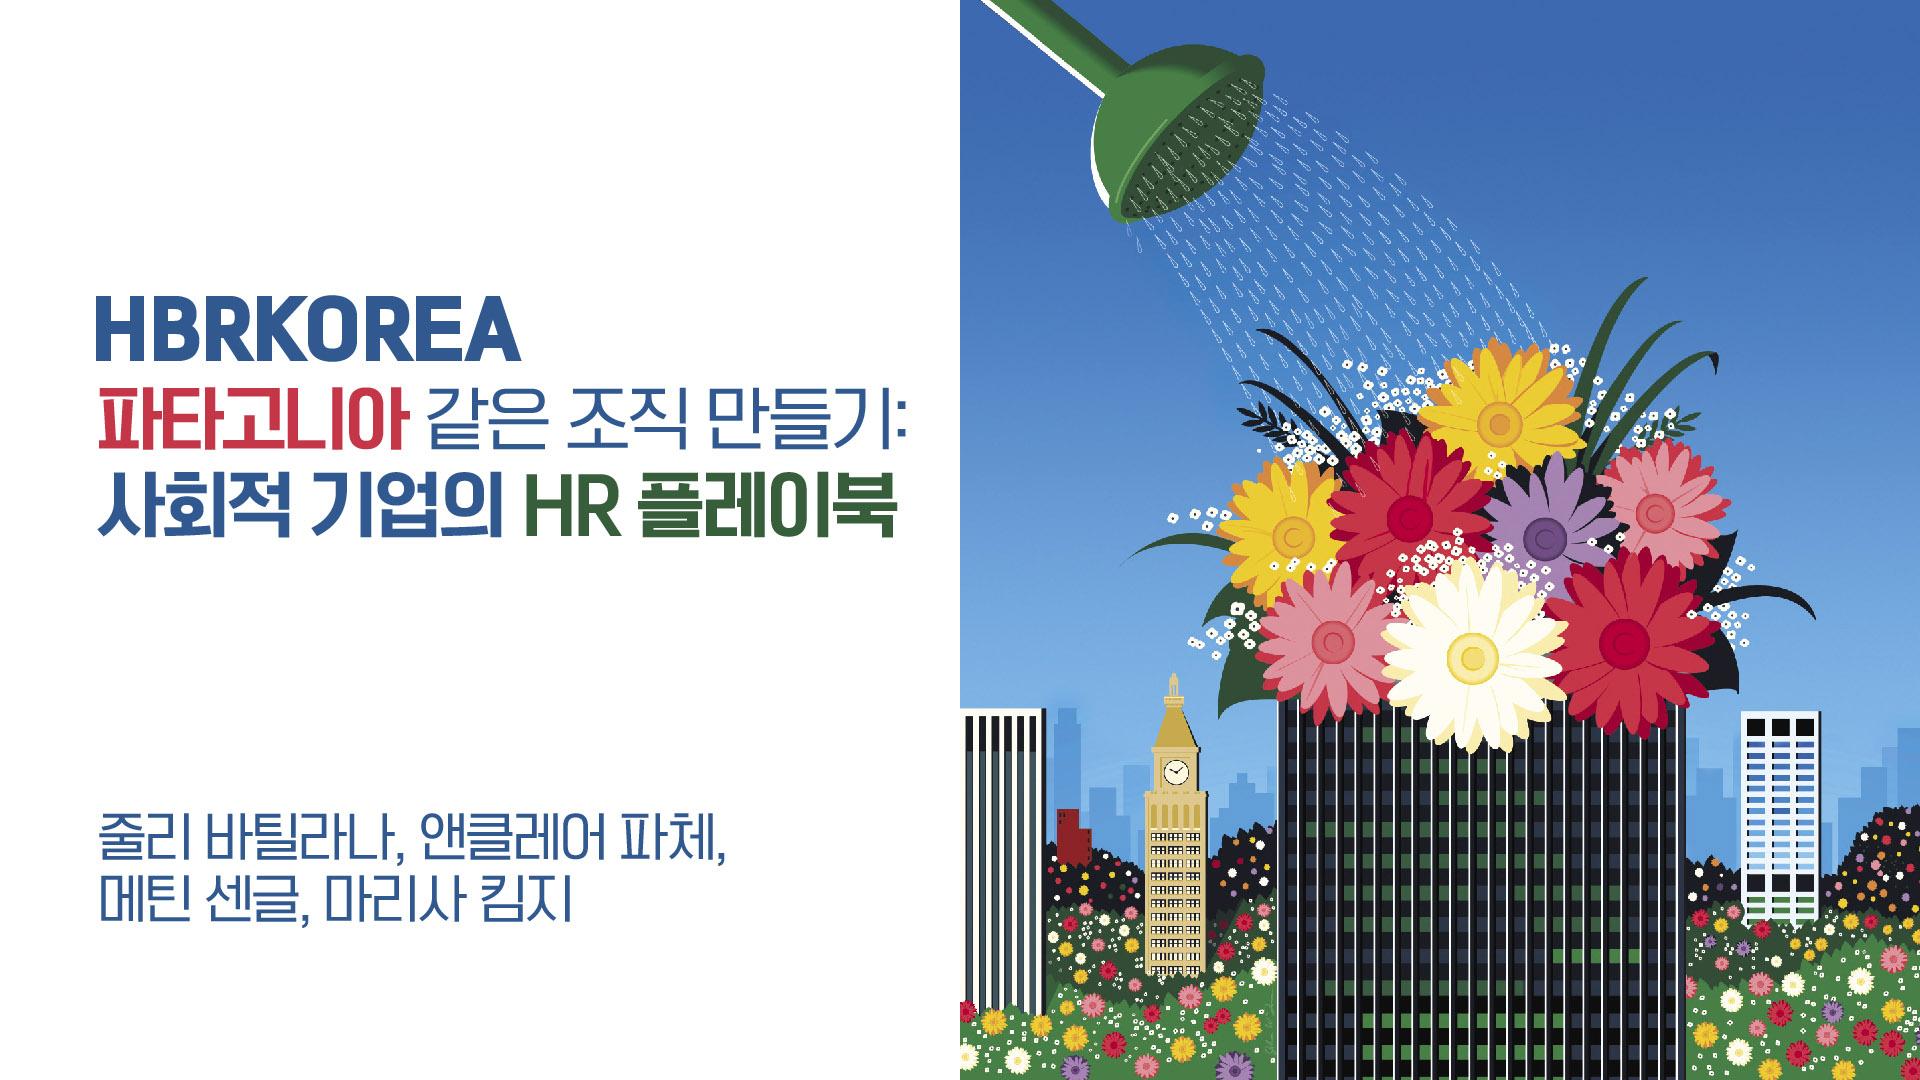 파타고니아 같은 조직 만들기: 사회적 기업의 HR 플레이북